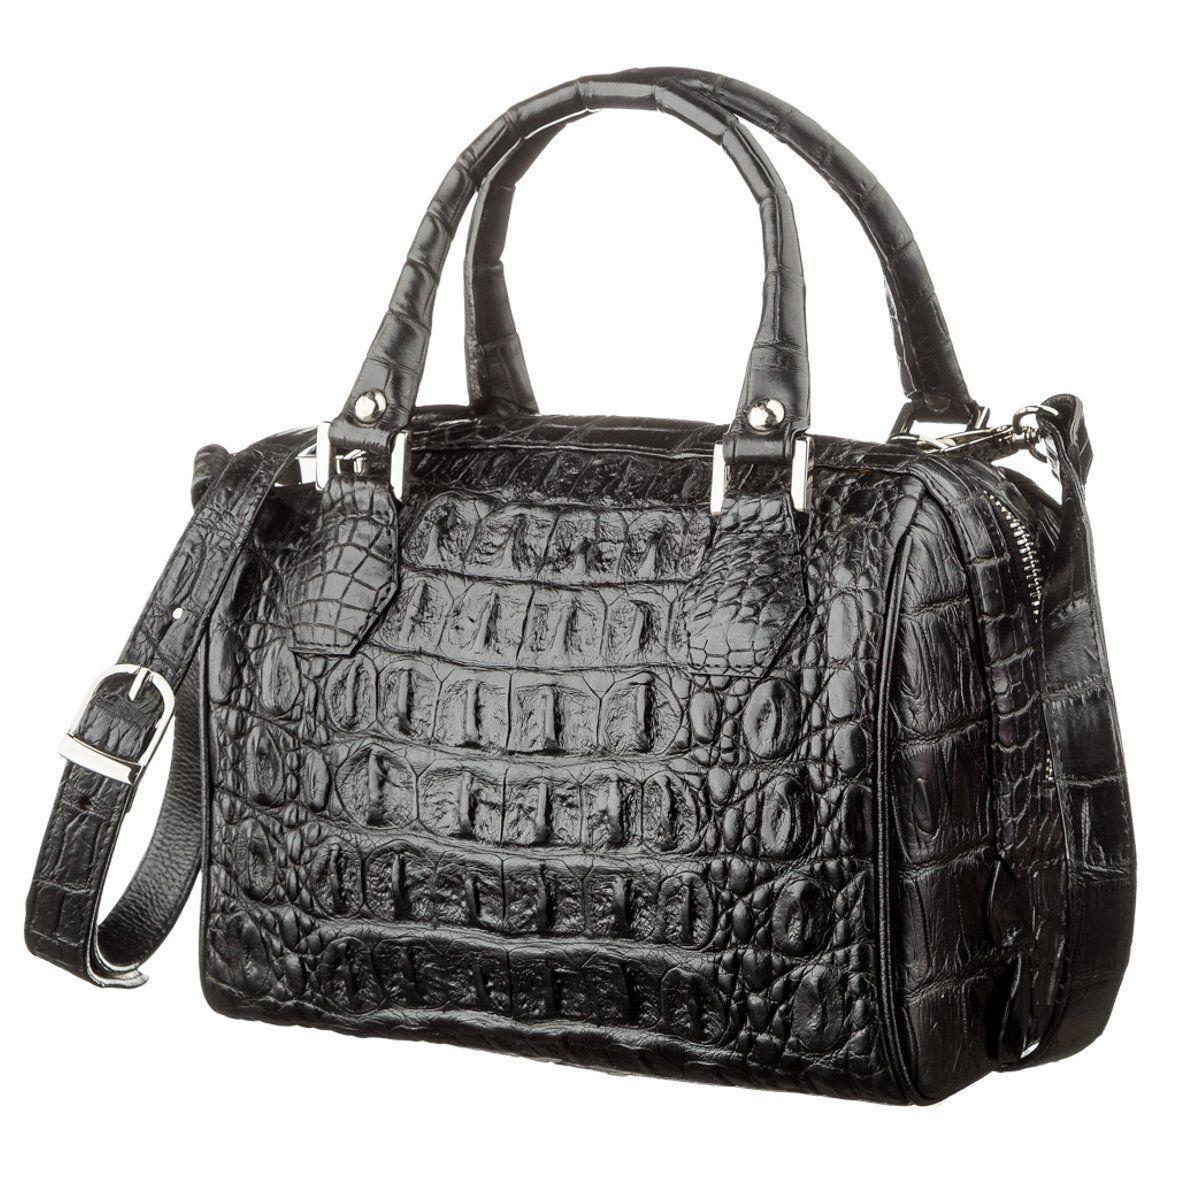 Сумка женская Ekzotic Leather из натуральной кожи крокодила Черная (cb 28)